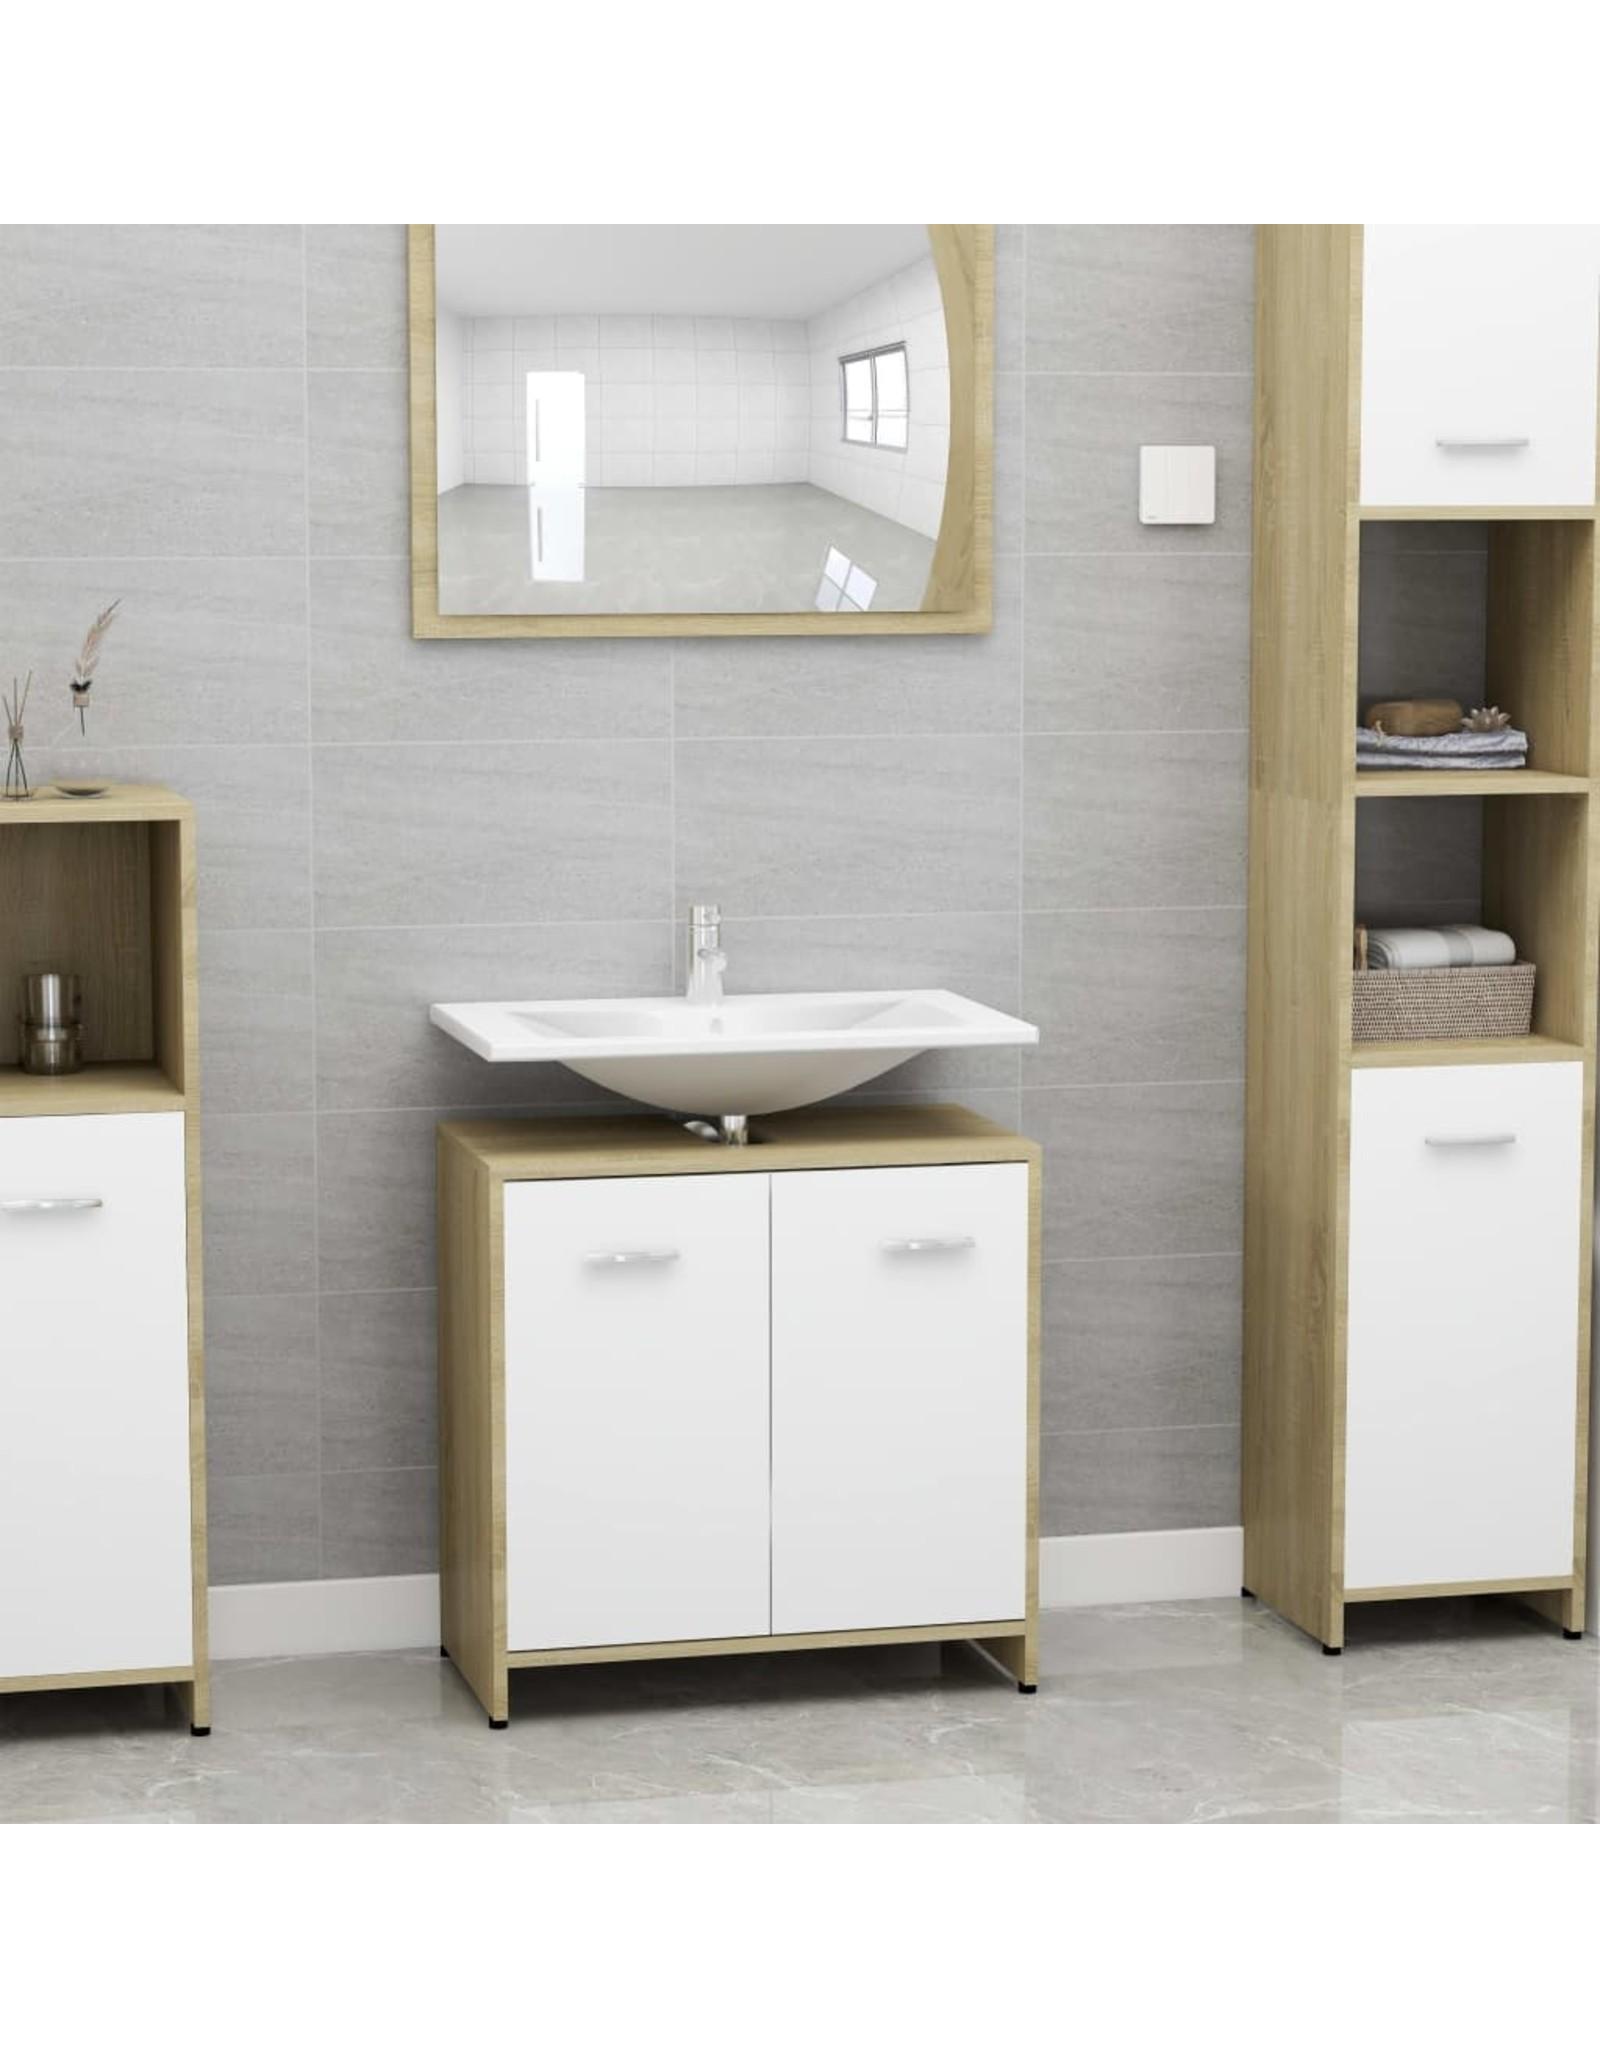 Badkamerkast 60x33x58 cm spaanplaat wit en sonoma eikenkleurig